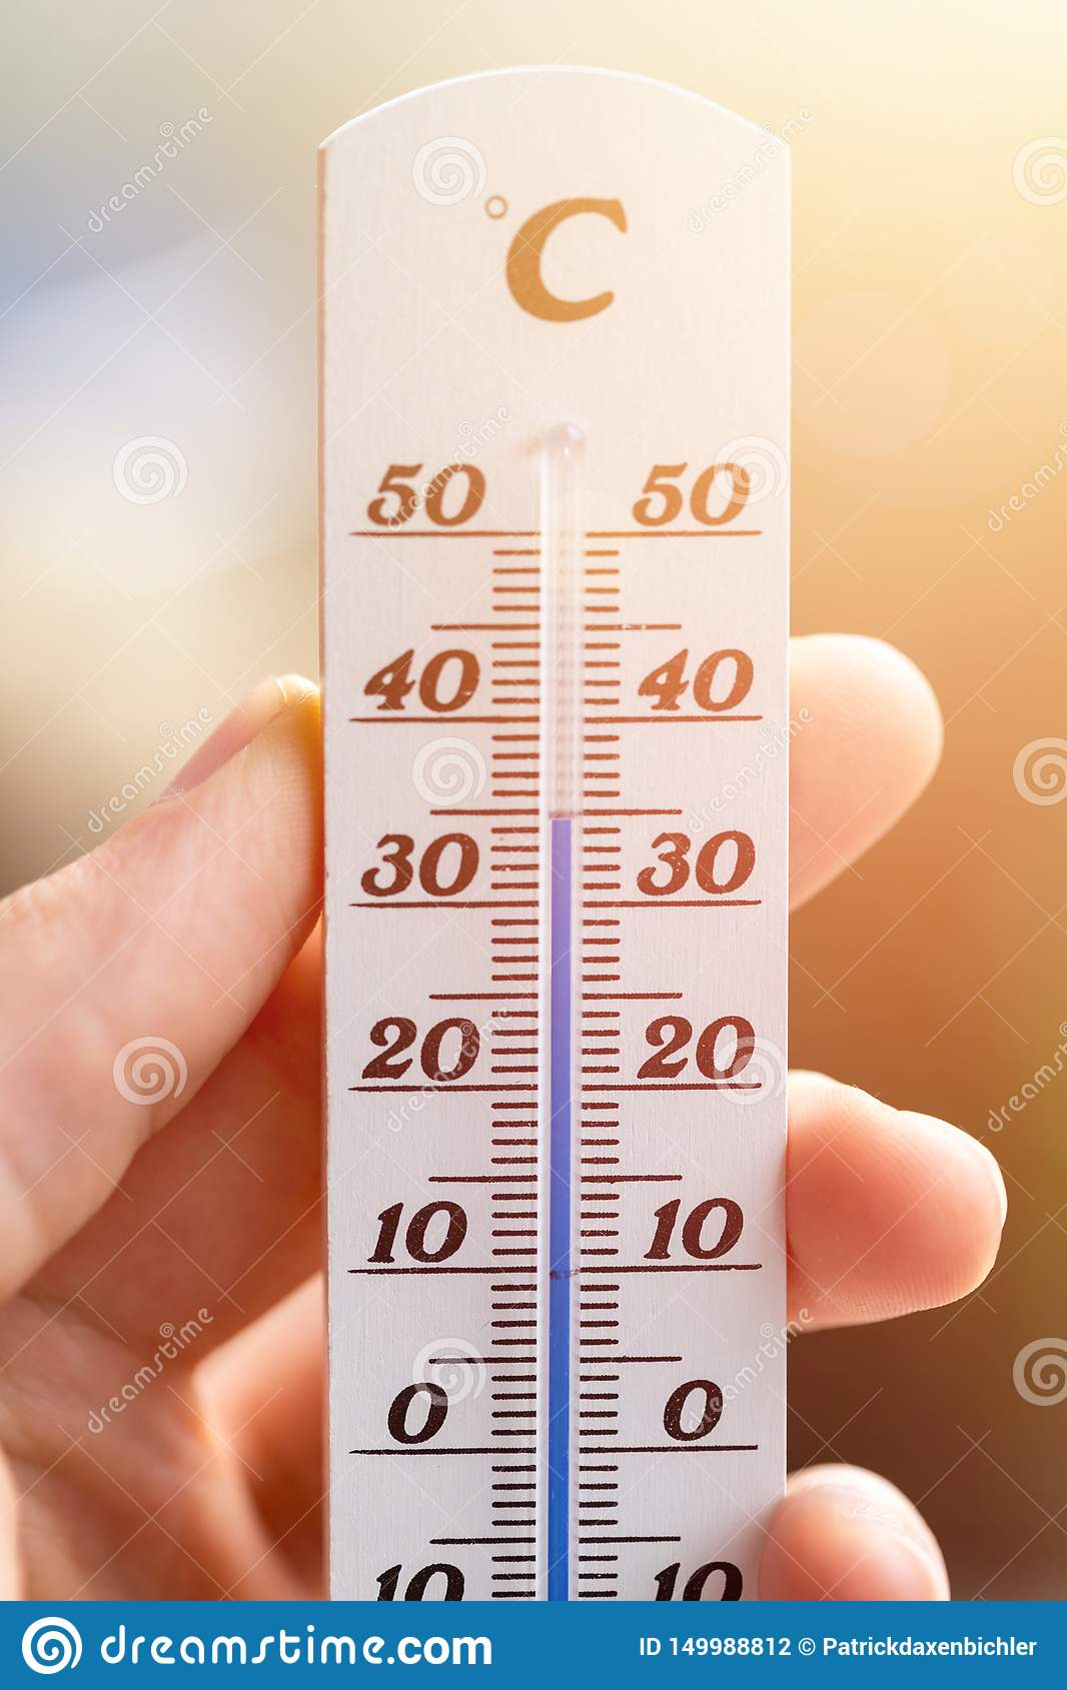 Ola de calor: Termómetro en el verano en un fondo borroso, calor